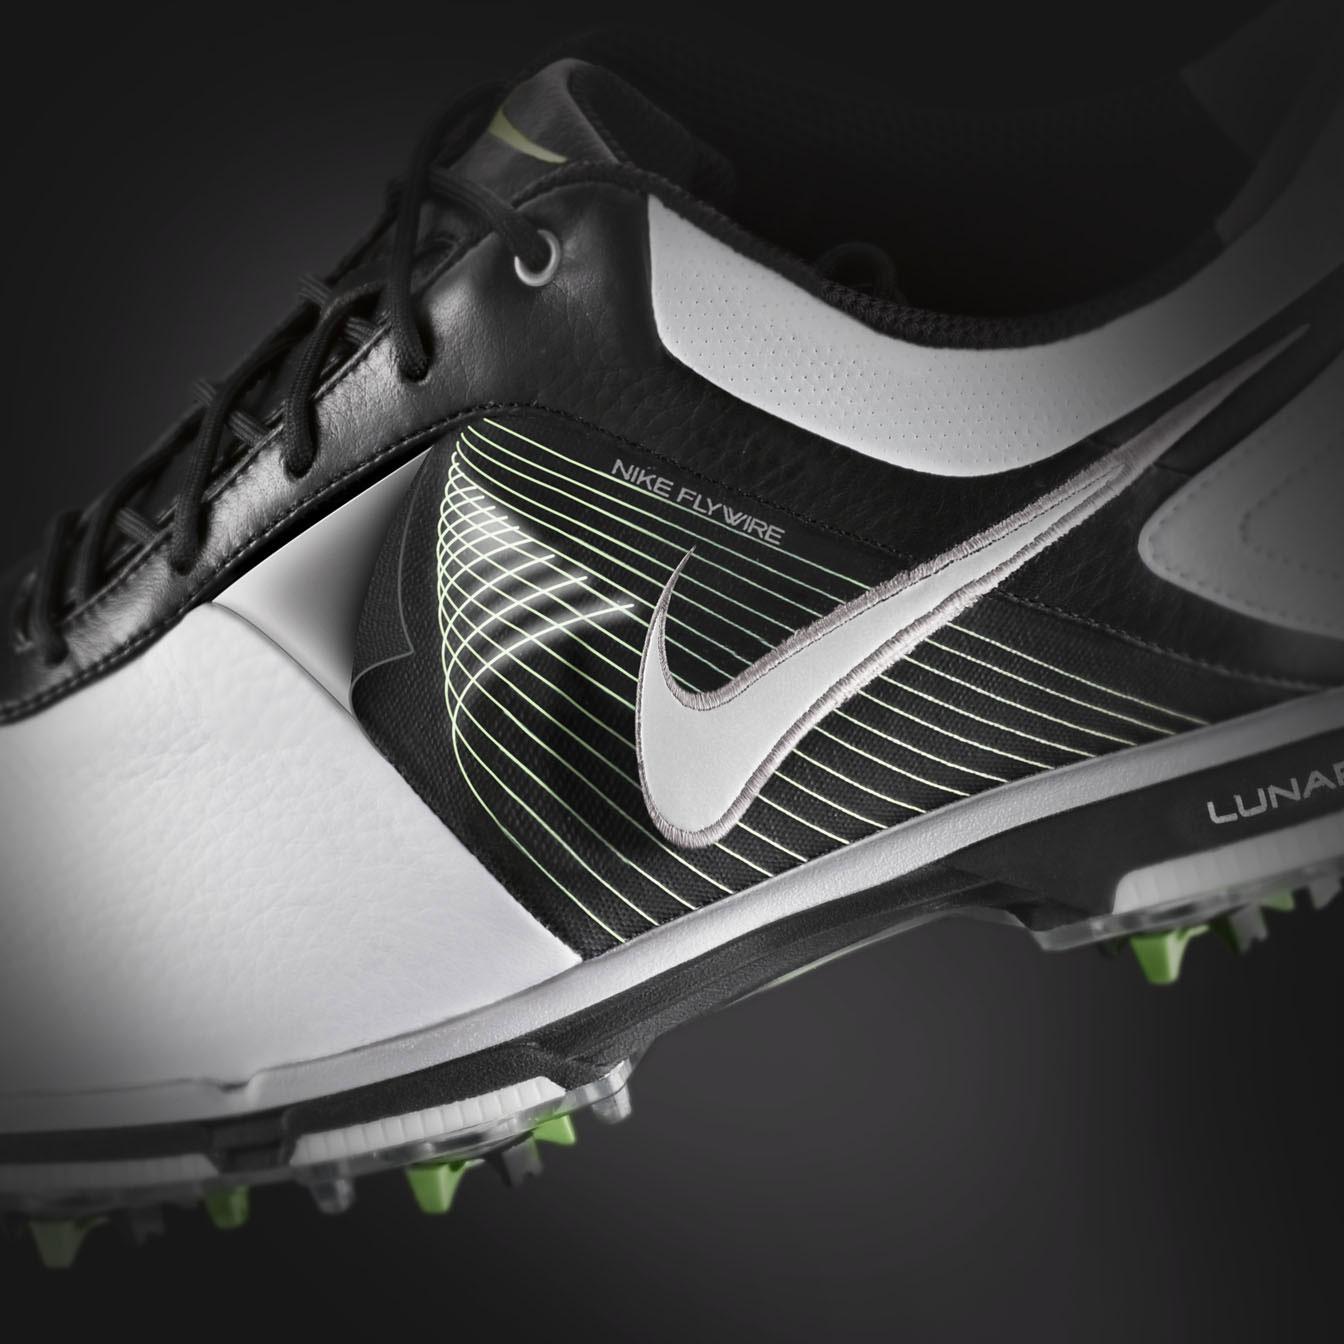 close up cgi image of nike golf shoes